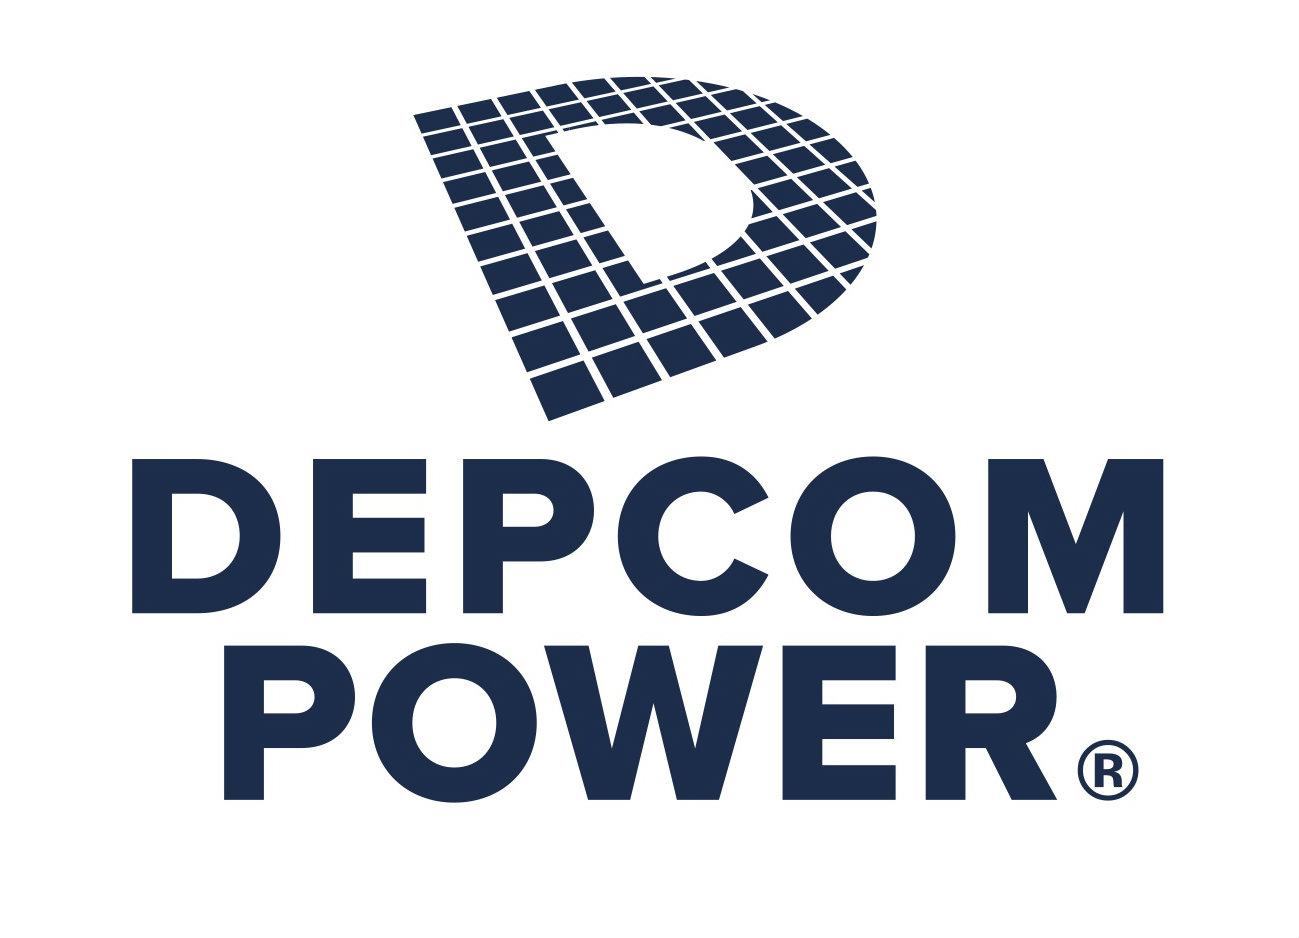 Depcom Power logo